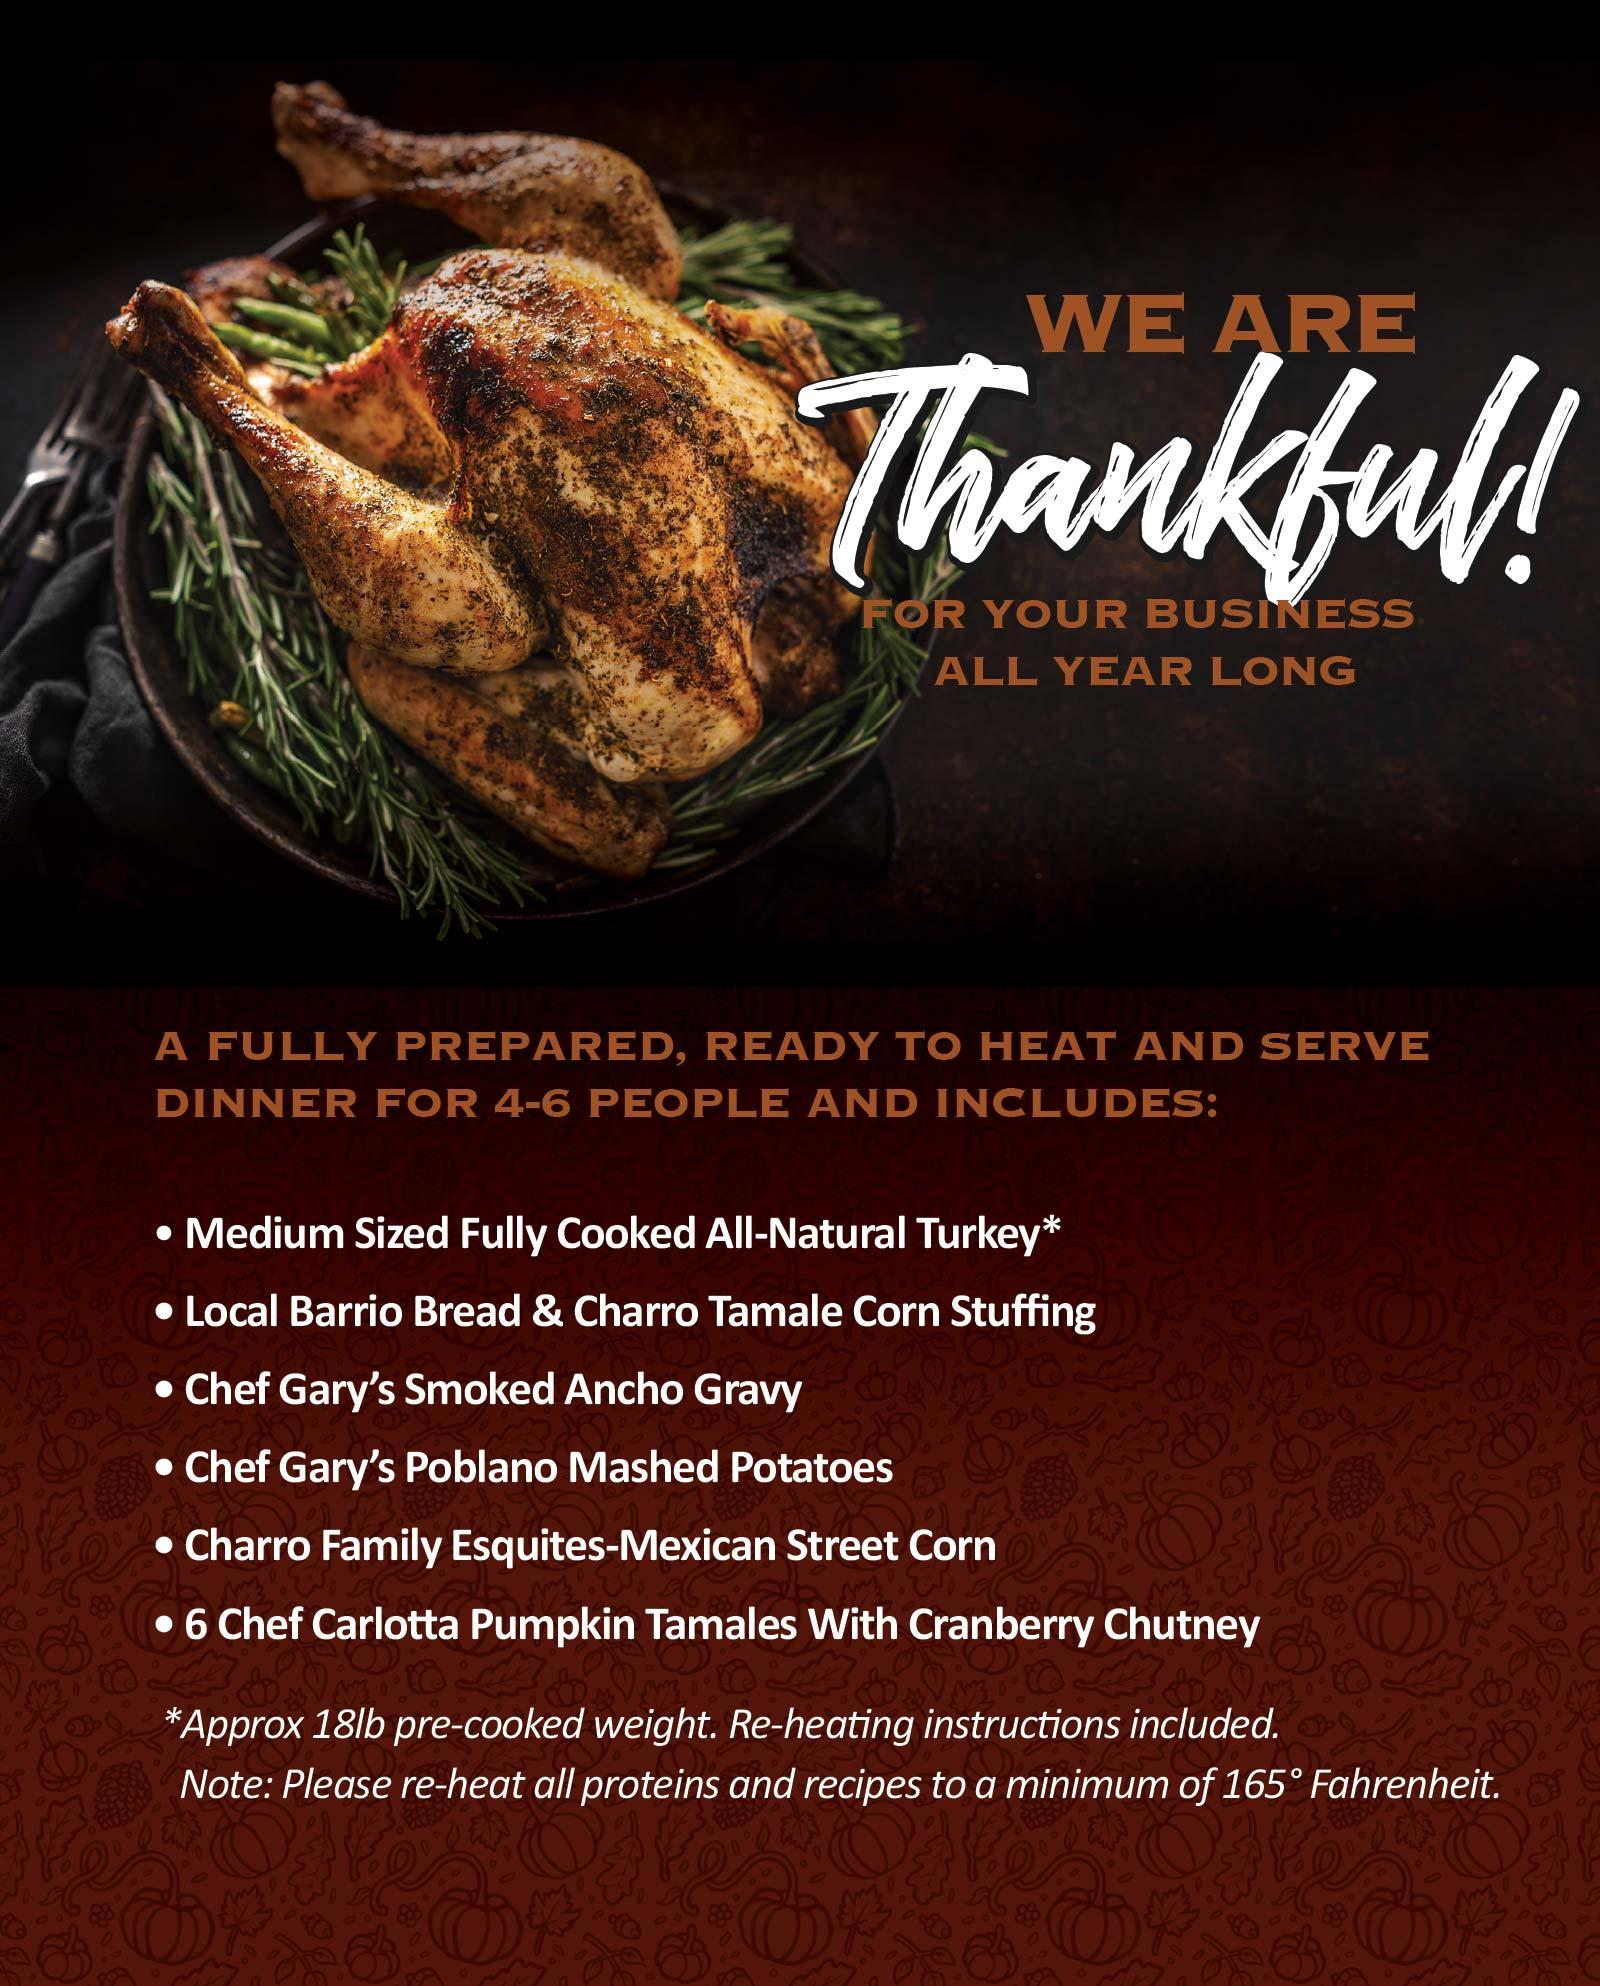 Thanksgiving Meal Kit 2020